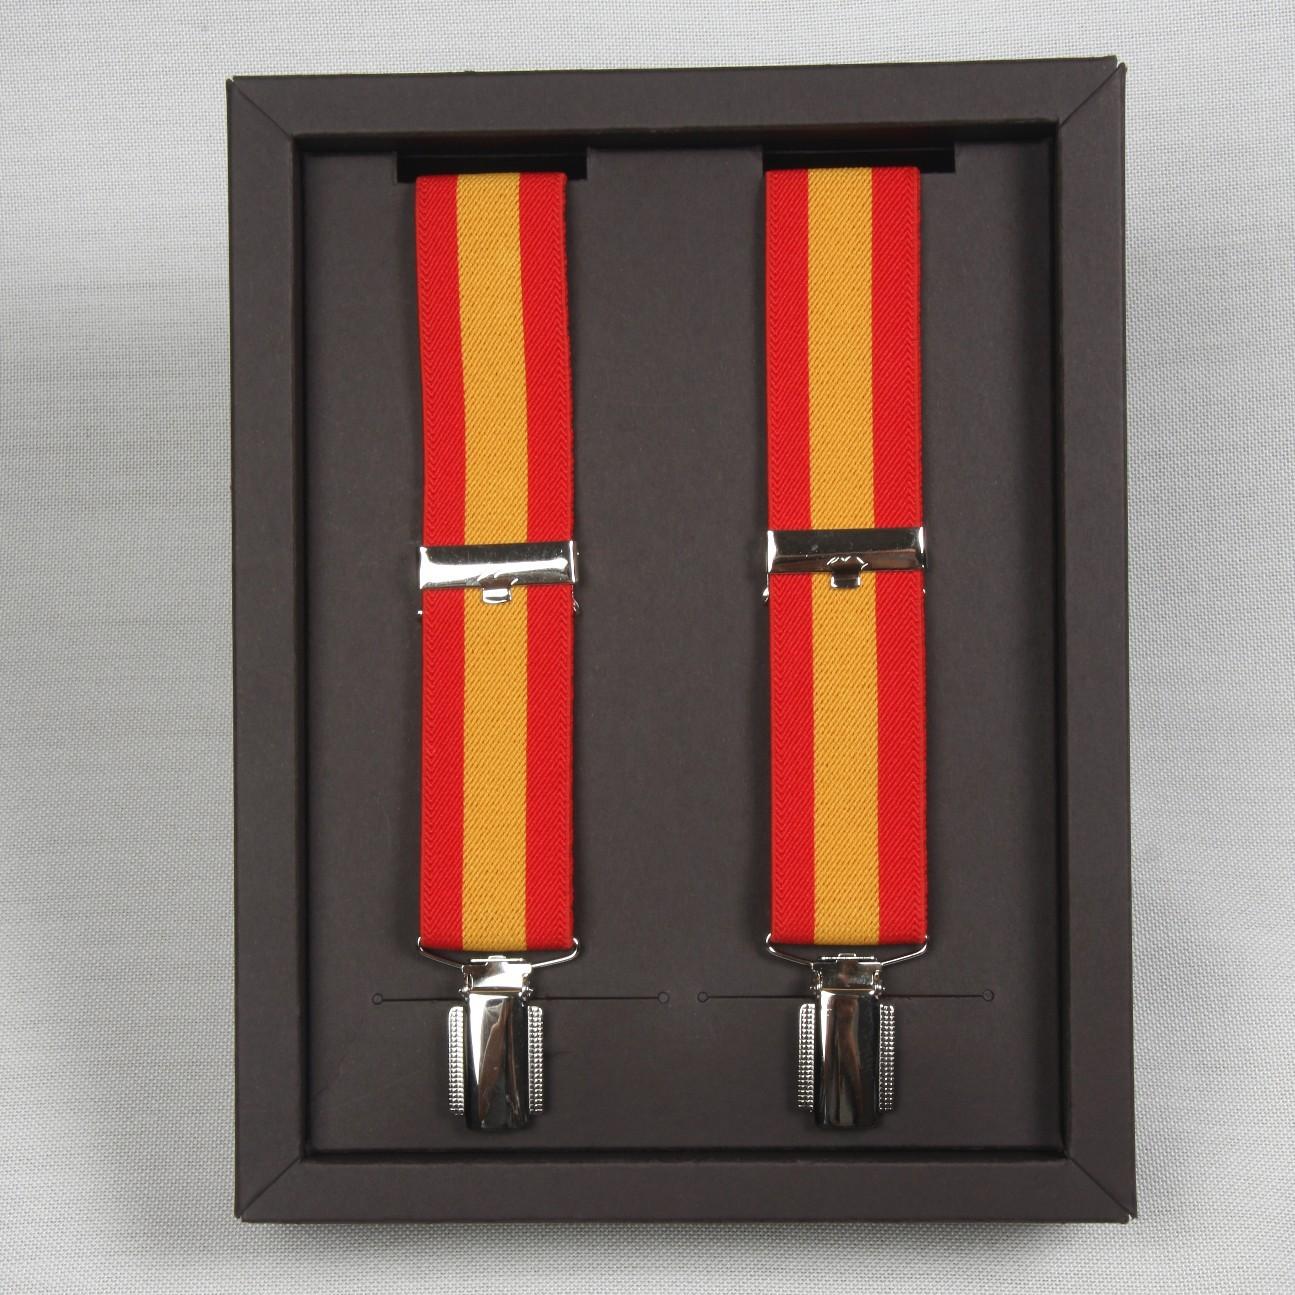 Cencibel Smart Casual Tirantes Bandera Espa/ña